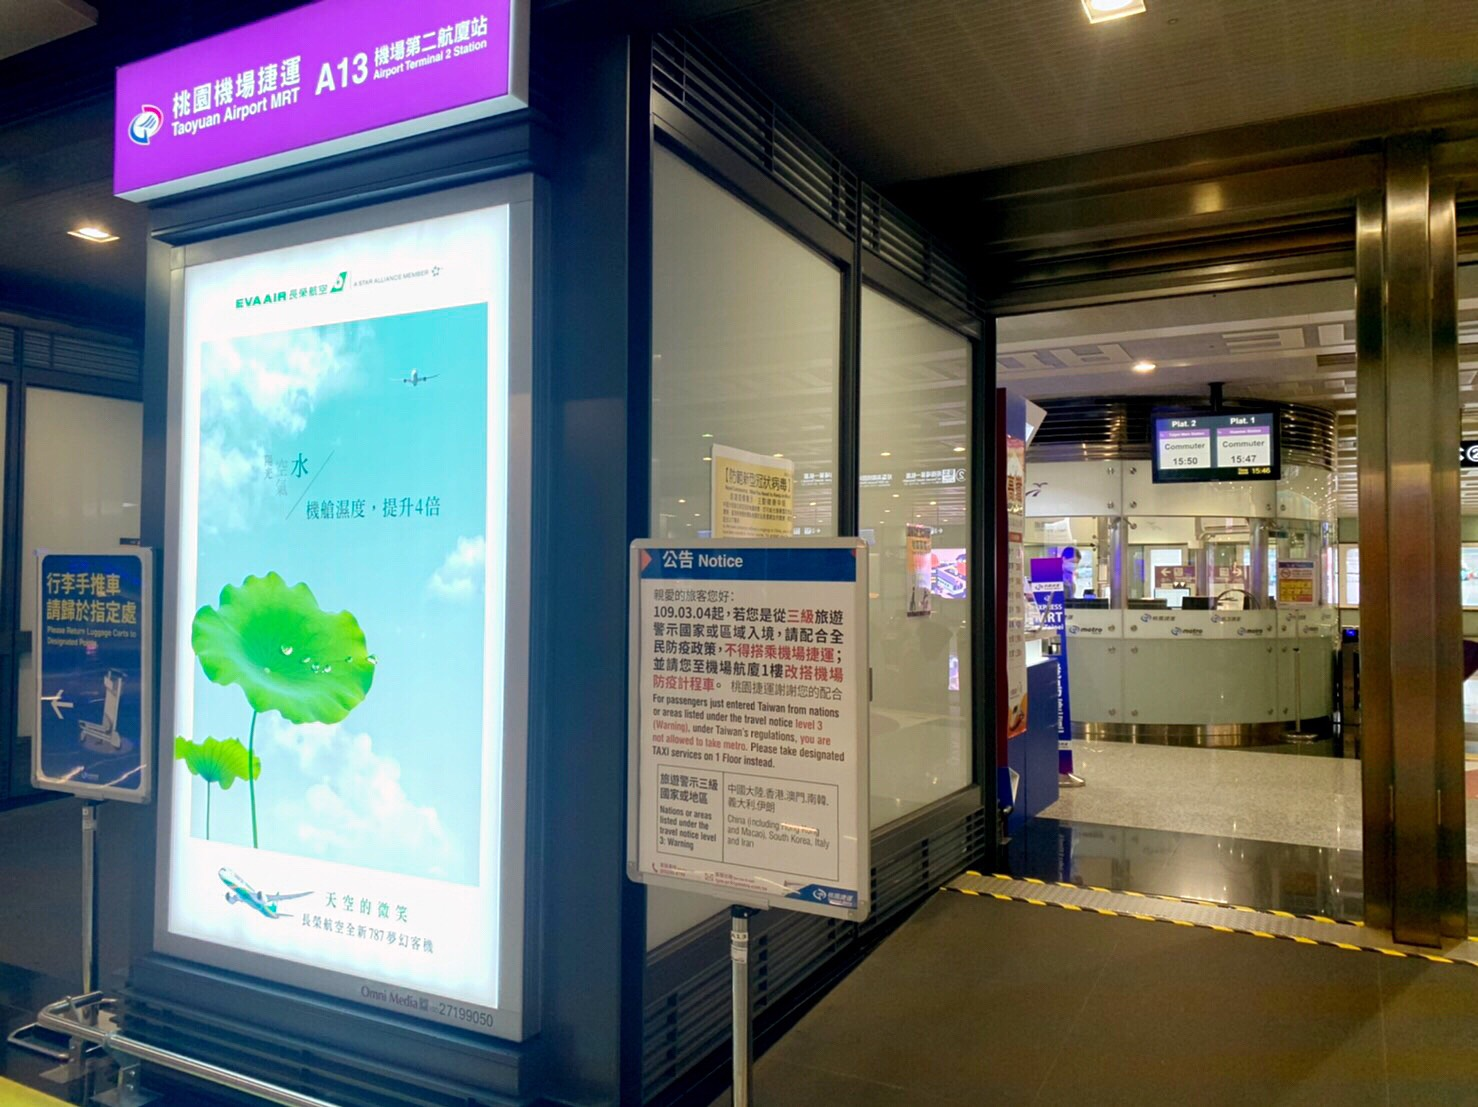 三級旅遊警示國家旅客不得搭乘大眾運輸工具